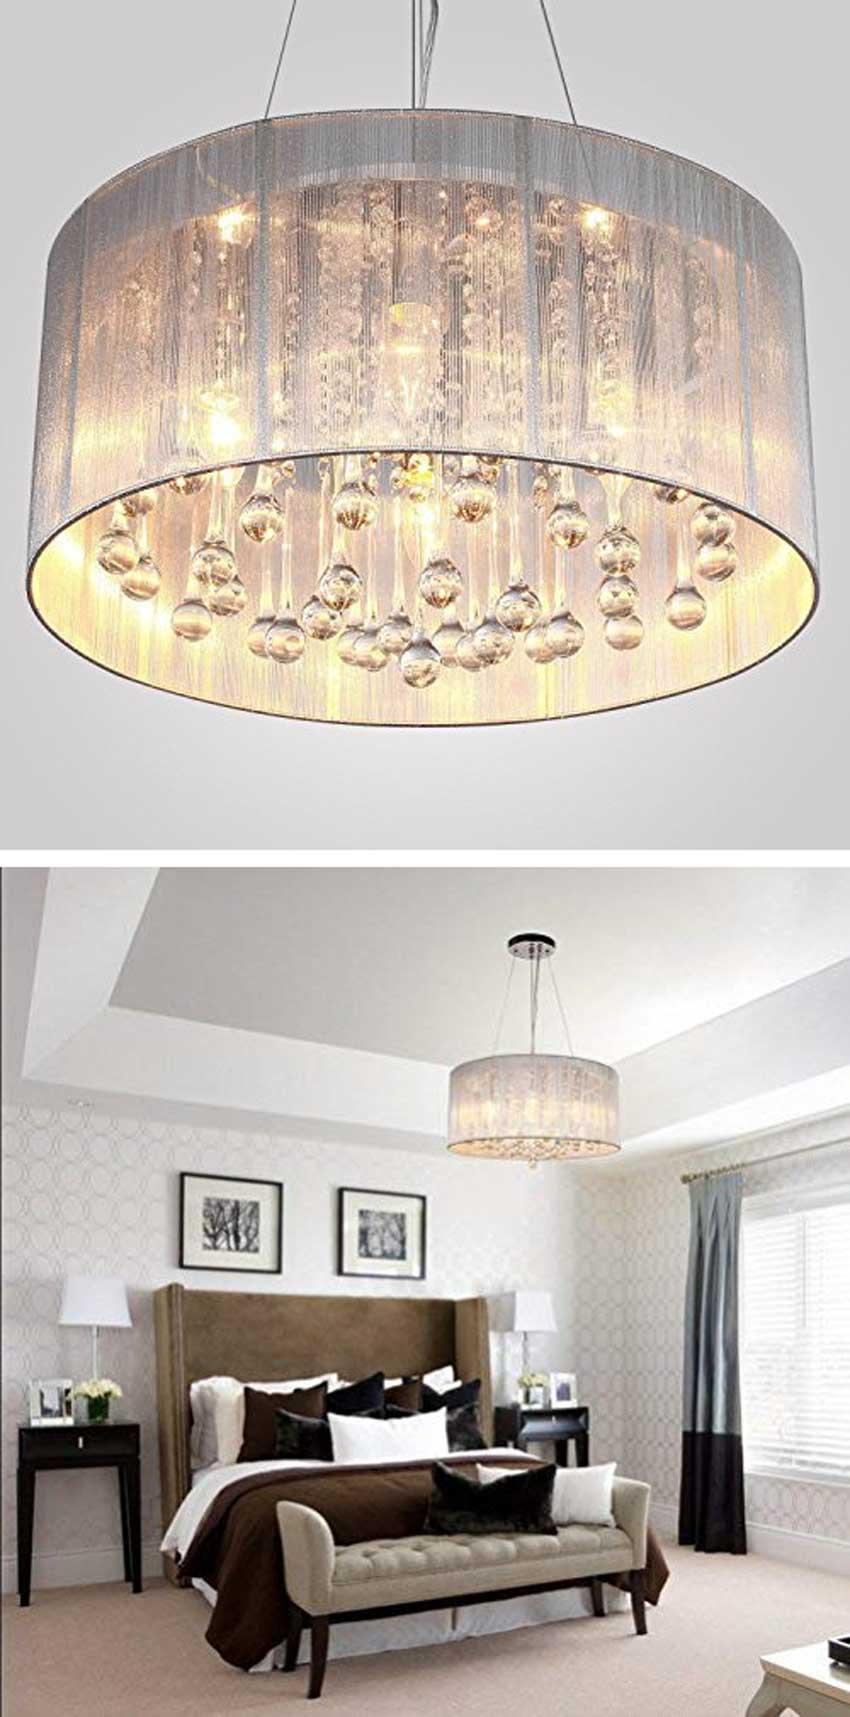 Lampade Sospensione Design Camera Da Letto.Lampadari E Lampade A Sospensione Design 35 Idee Che Vi